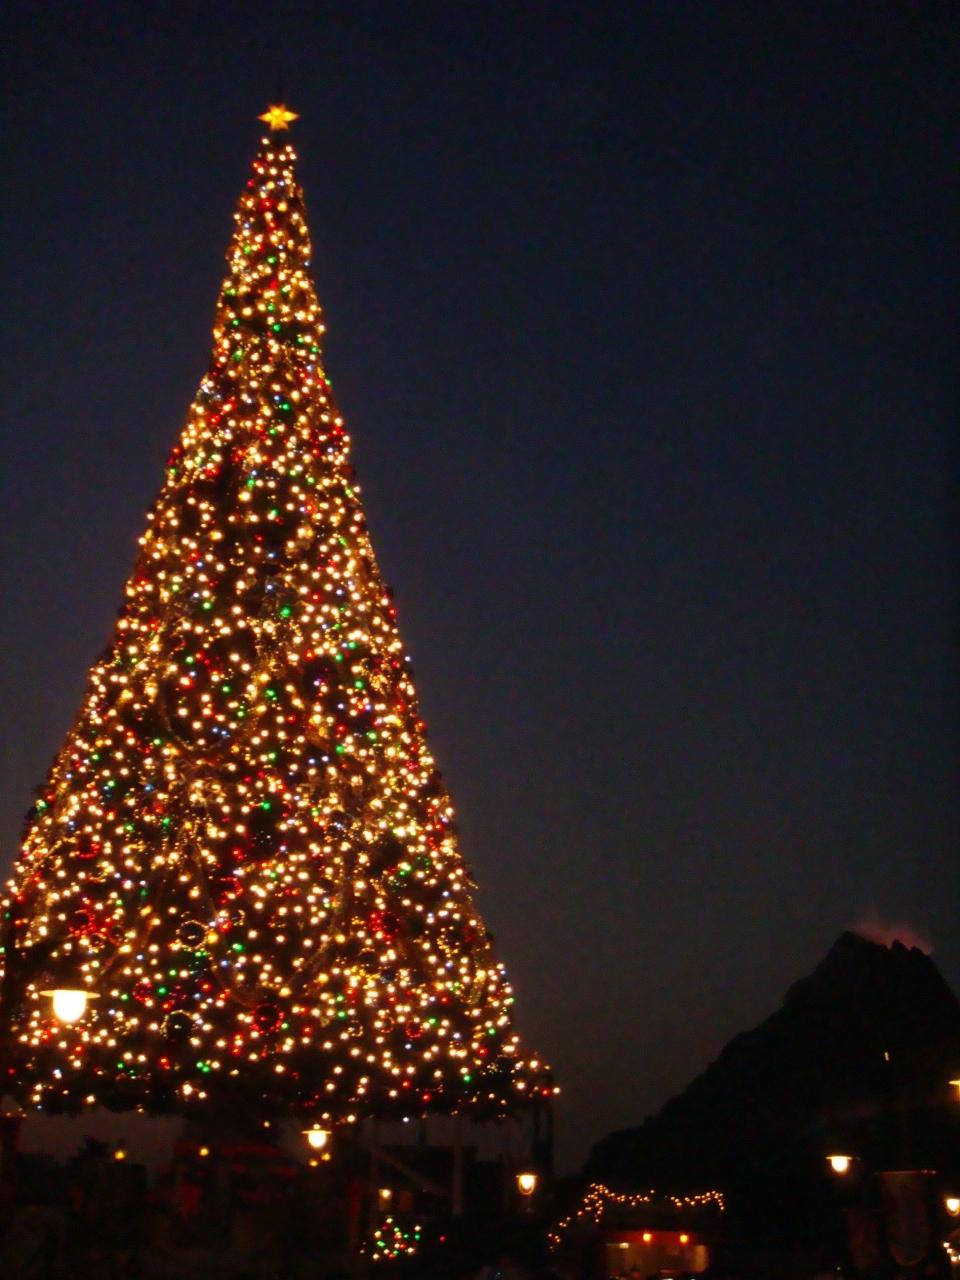 東京ディズニーリゾート 25周年 クリスマス☆?』東京ディズニーリゾート